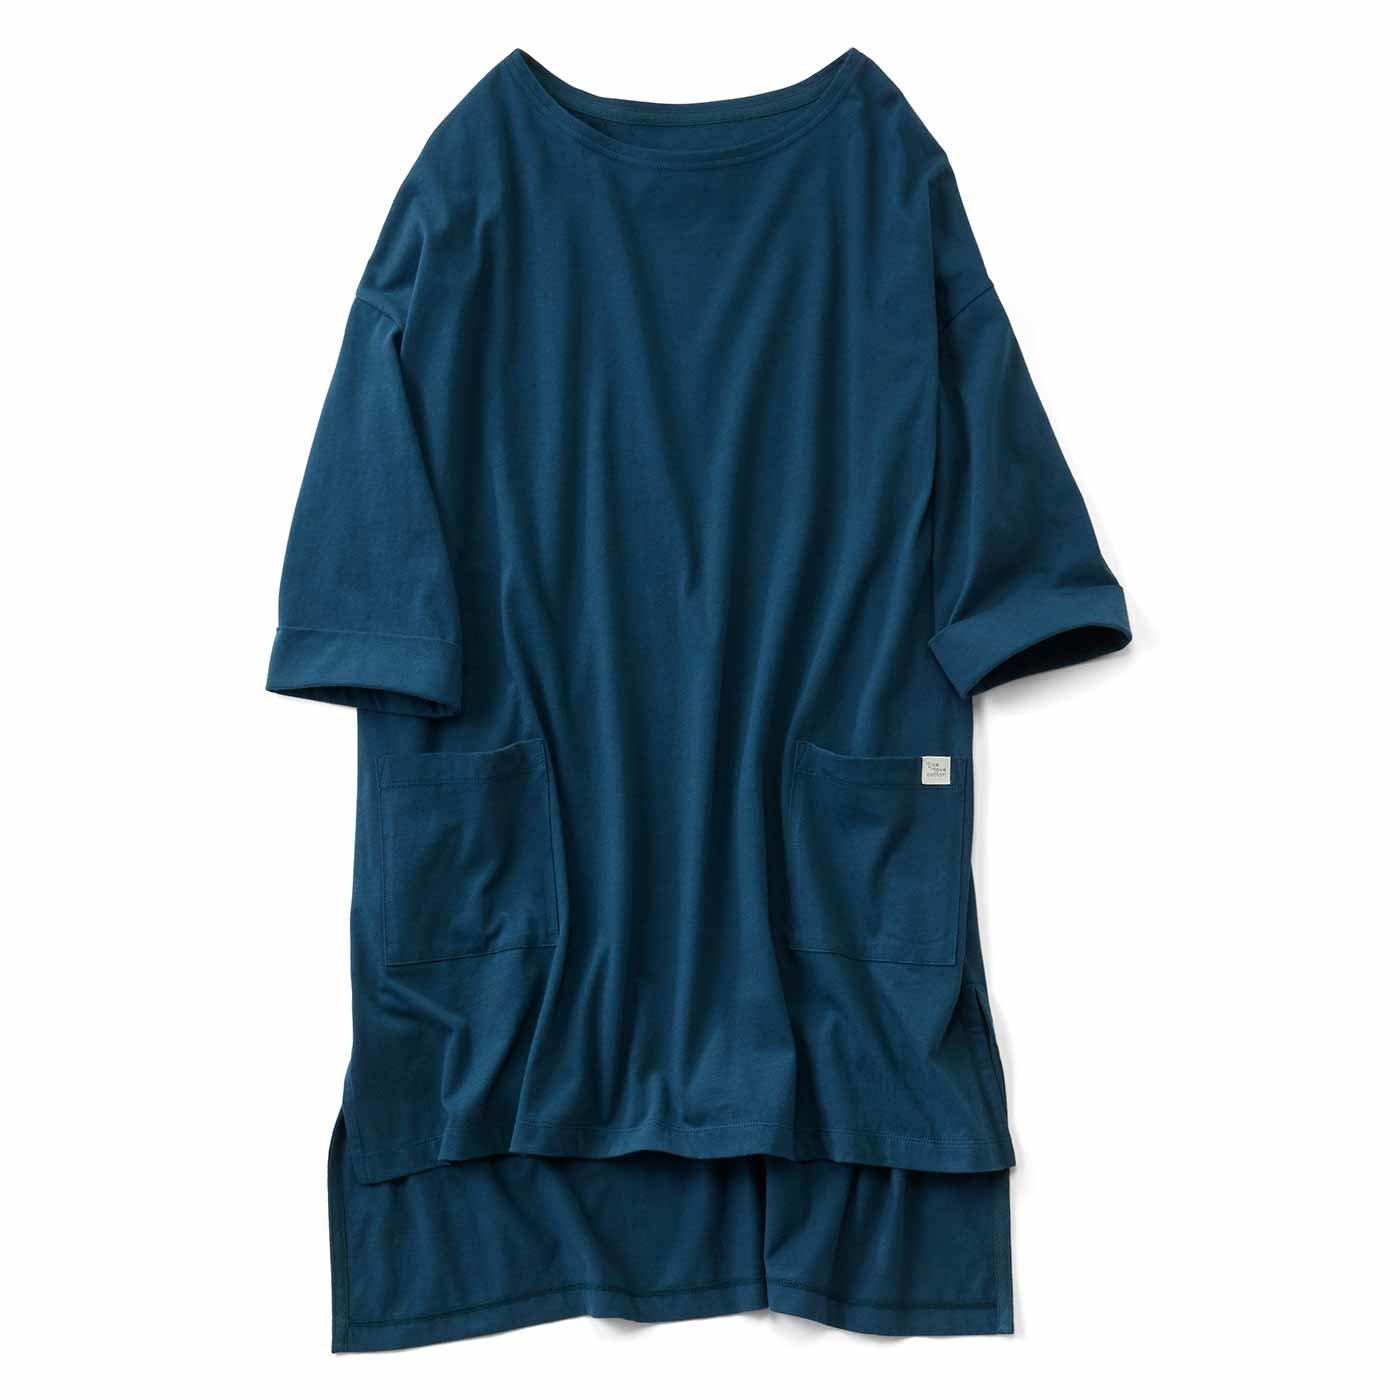 Live love cottonプロジェクト リブ イン コンフォート ざばっと着るだけ Tシャツ感覚のオーガニックコットンチュニック〈ピーコックグリーン〉